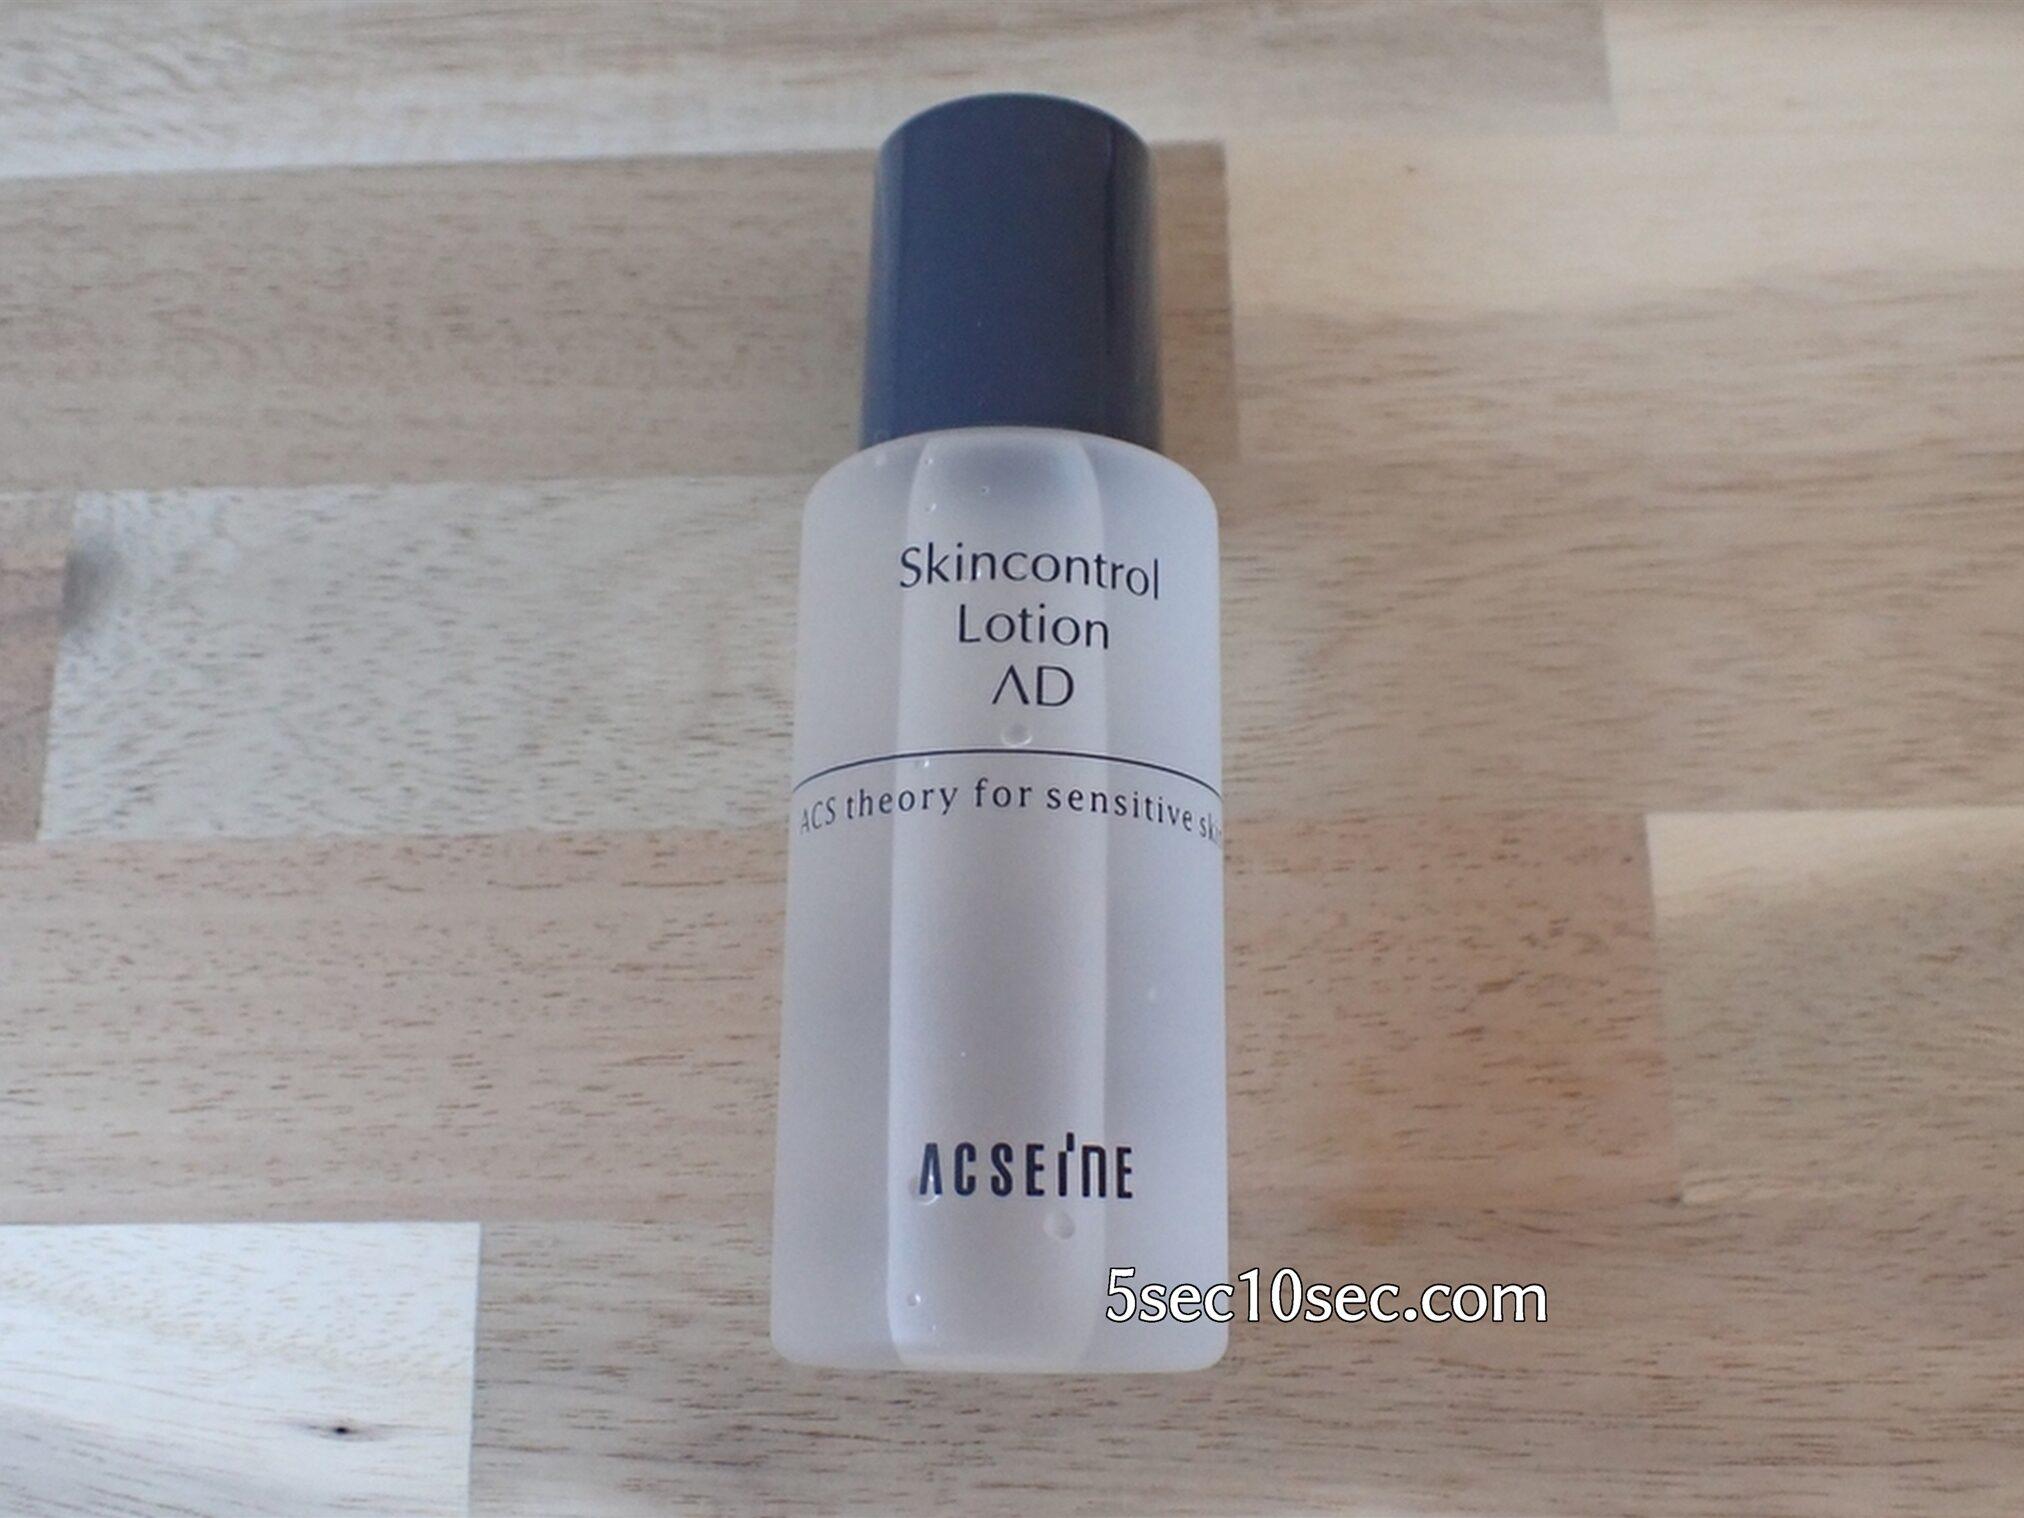 アクセーヌ スキンケアプログラムAD AD コントロール ローション 60ml 化粧水